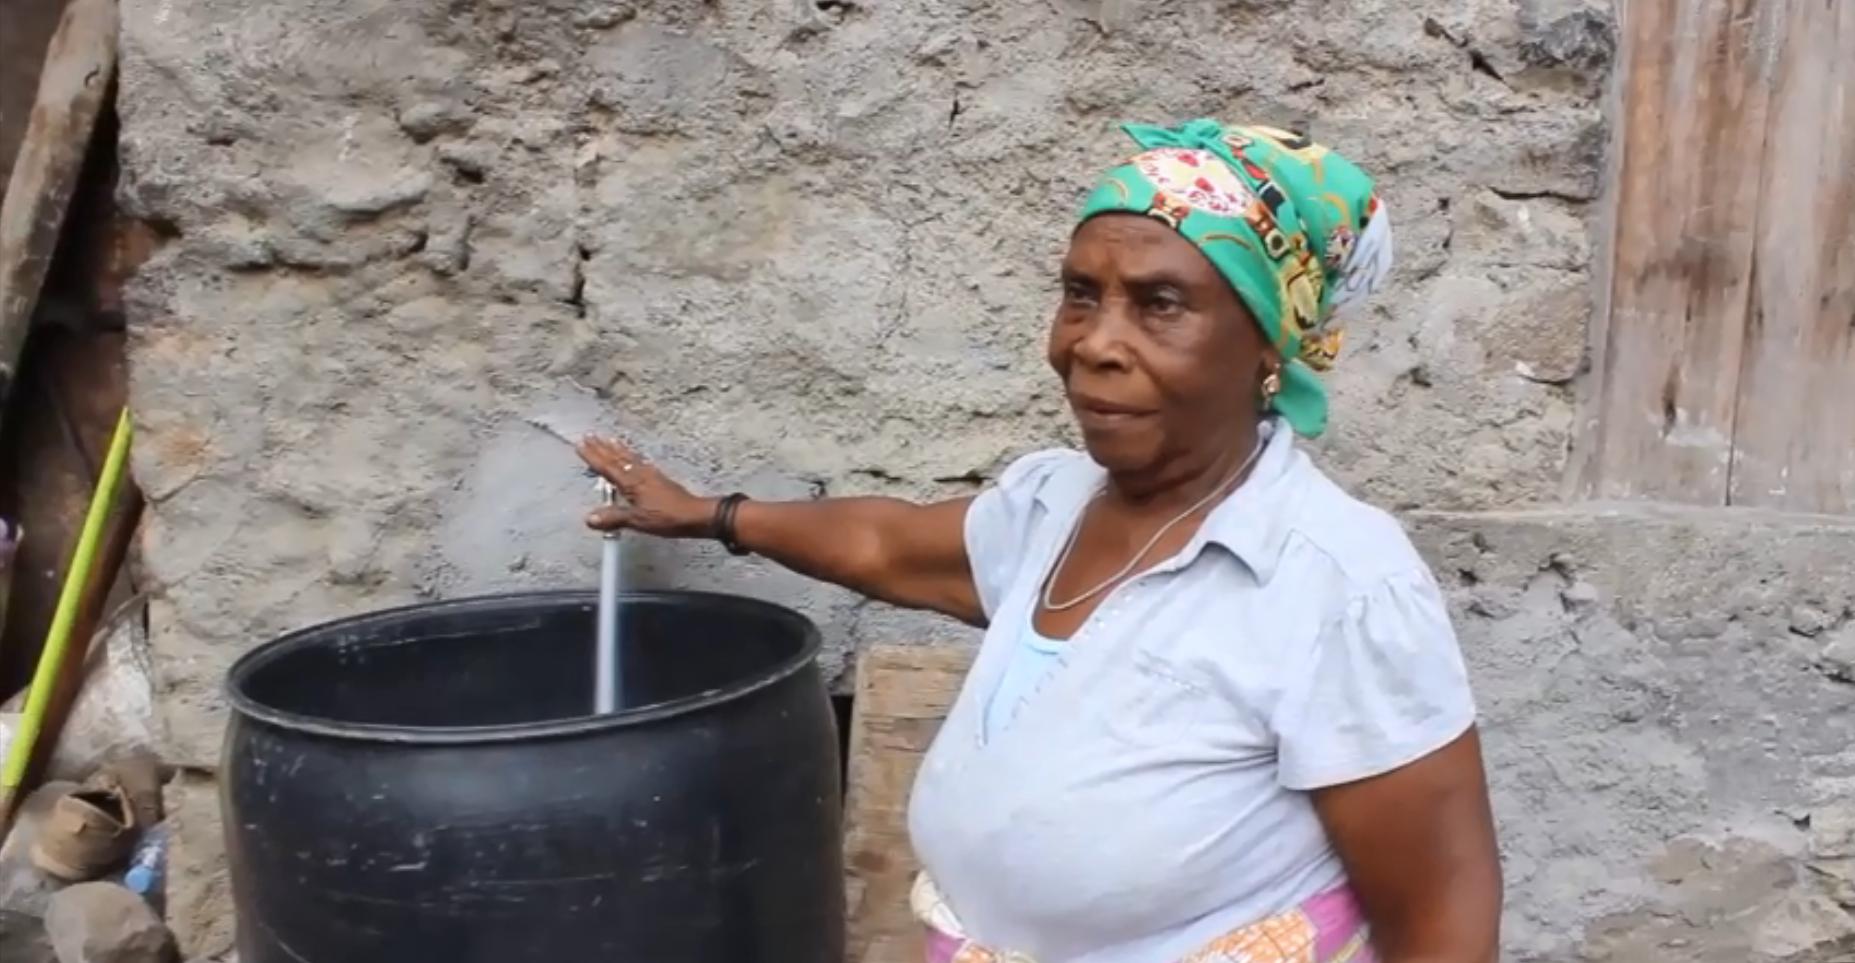 Comunidades afastadas de São Salvador do Mundo - Picos, já dispõe de água canalizada